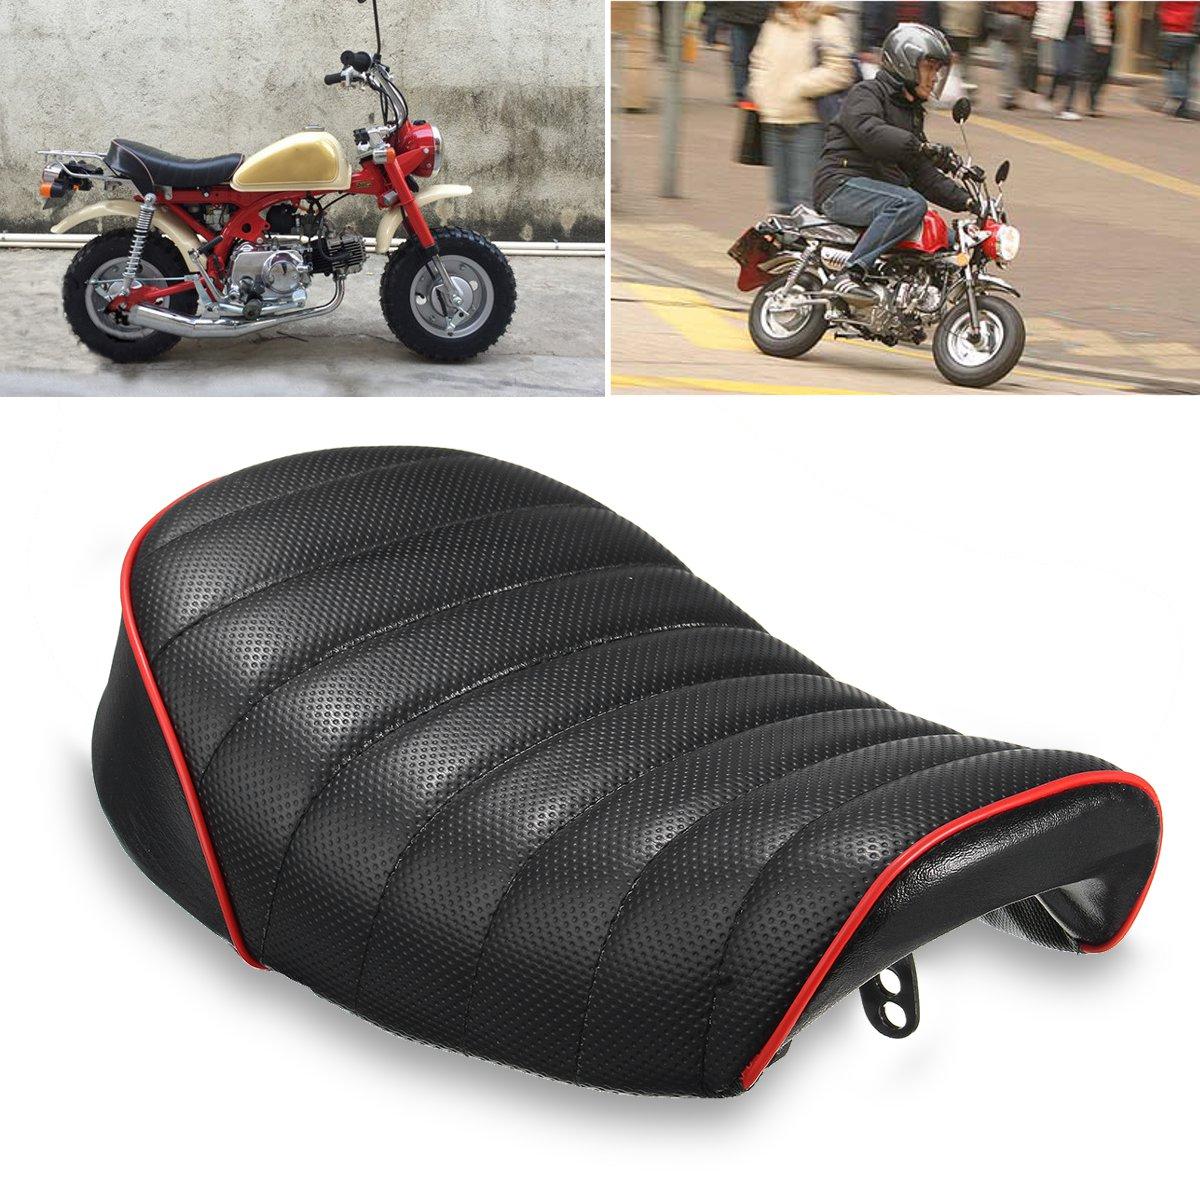 Black Motorcycle Cafe Racer Seat Custom Vintage Hump Saddle Flat pan Retro Seat For Honda